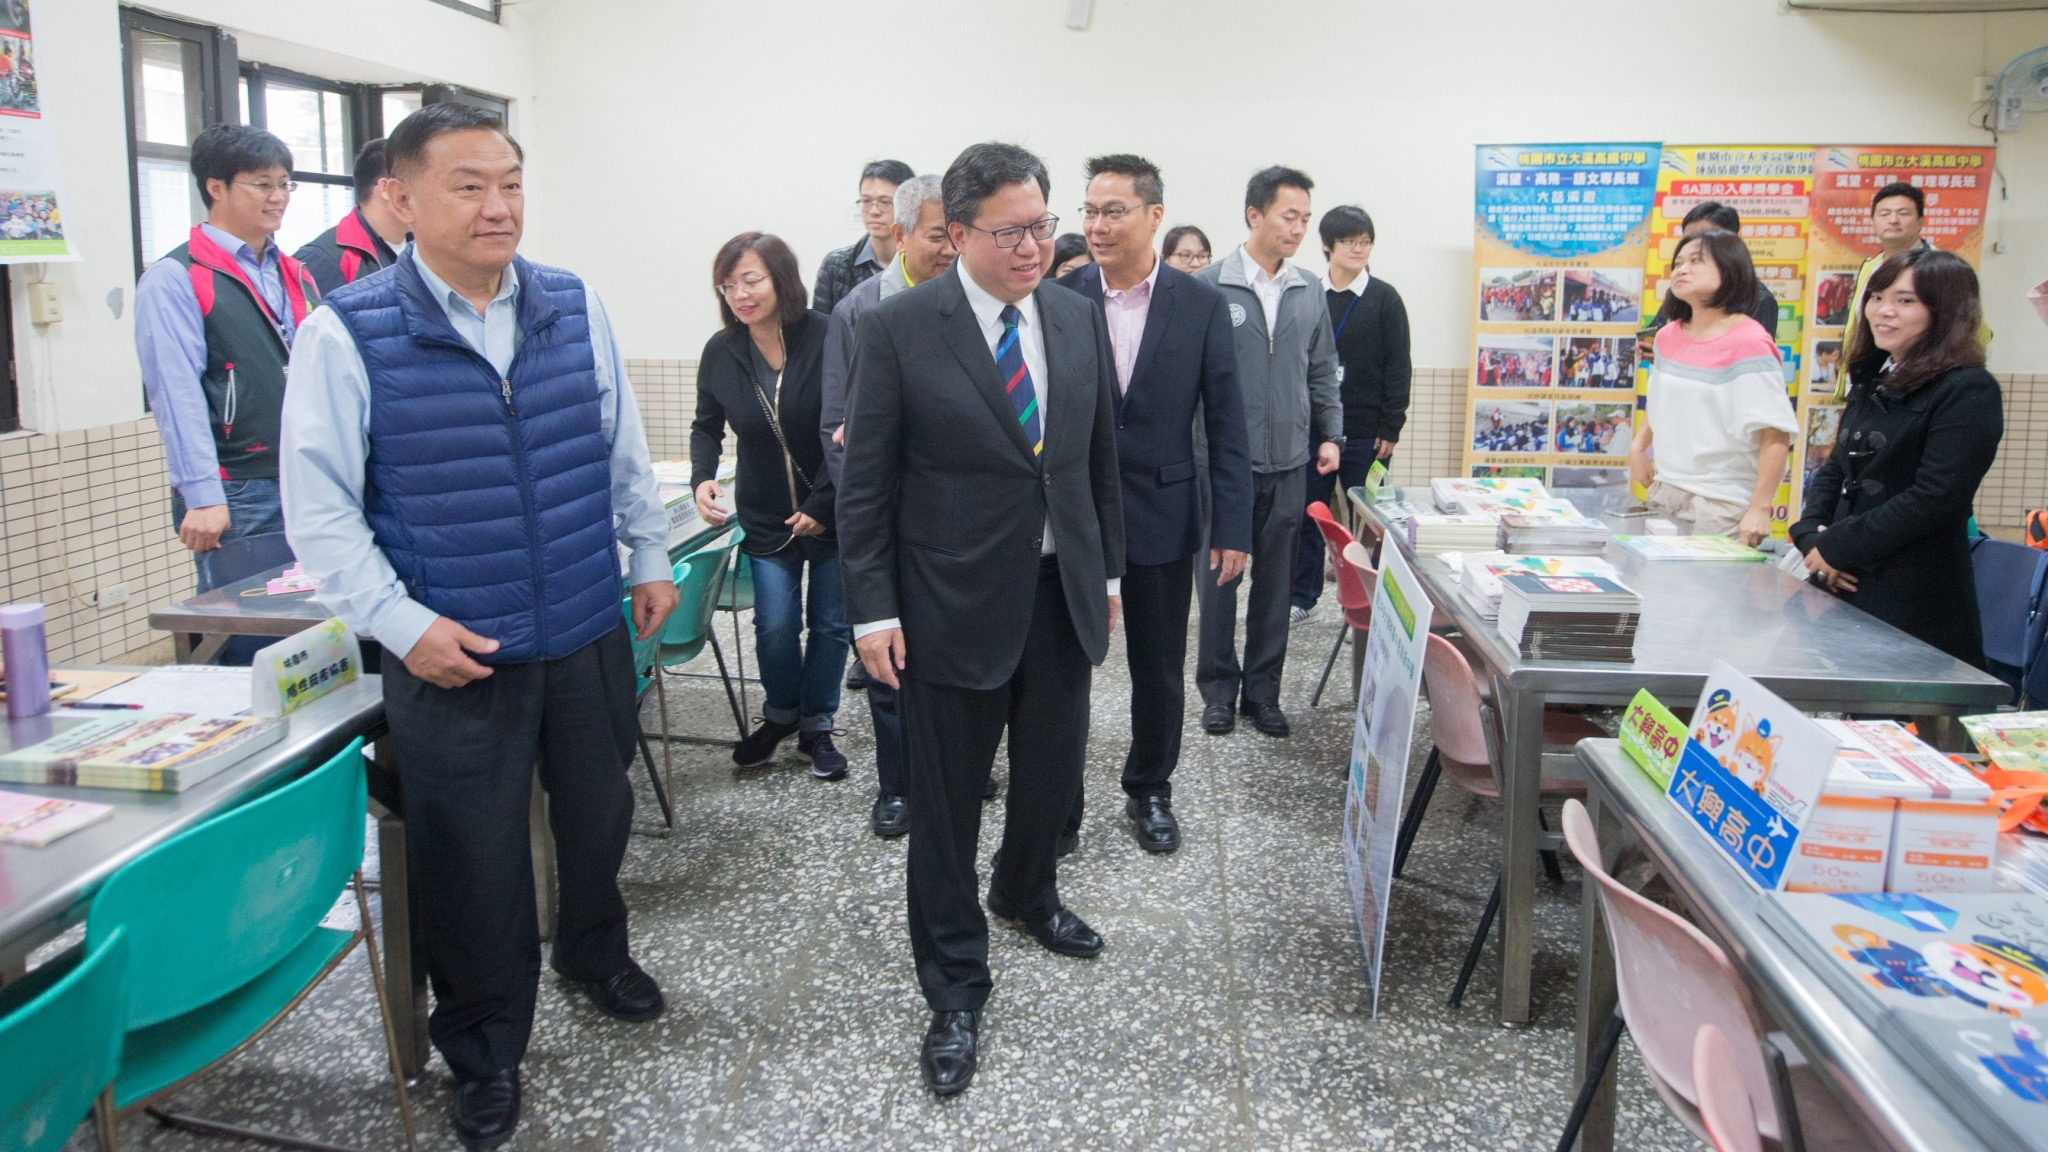 鄭市長參觀博覽會